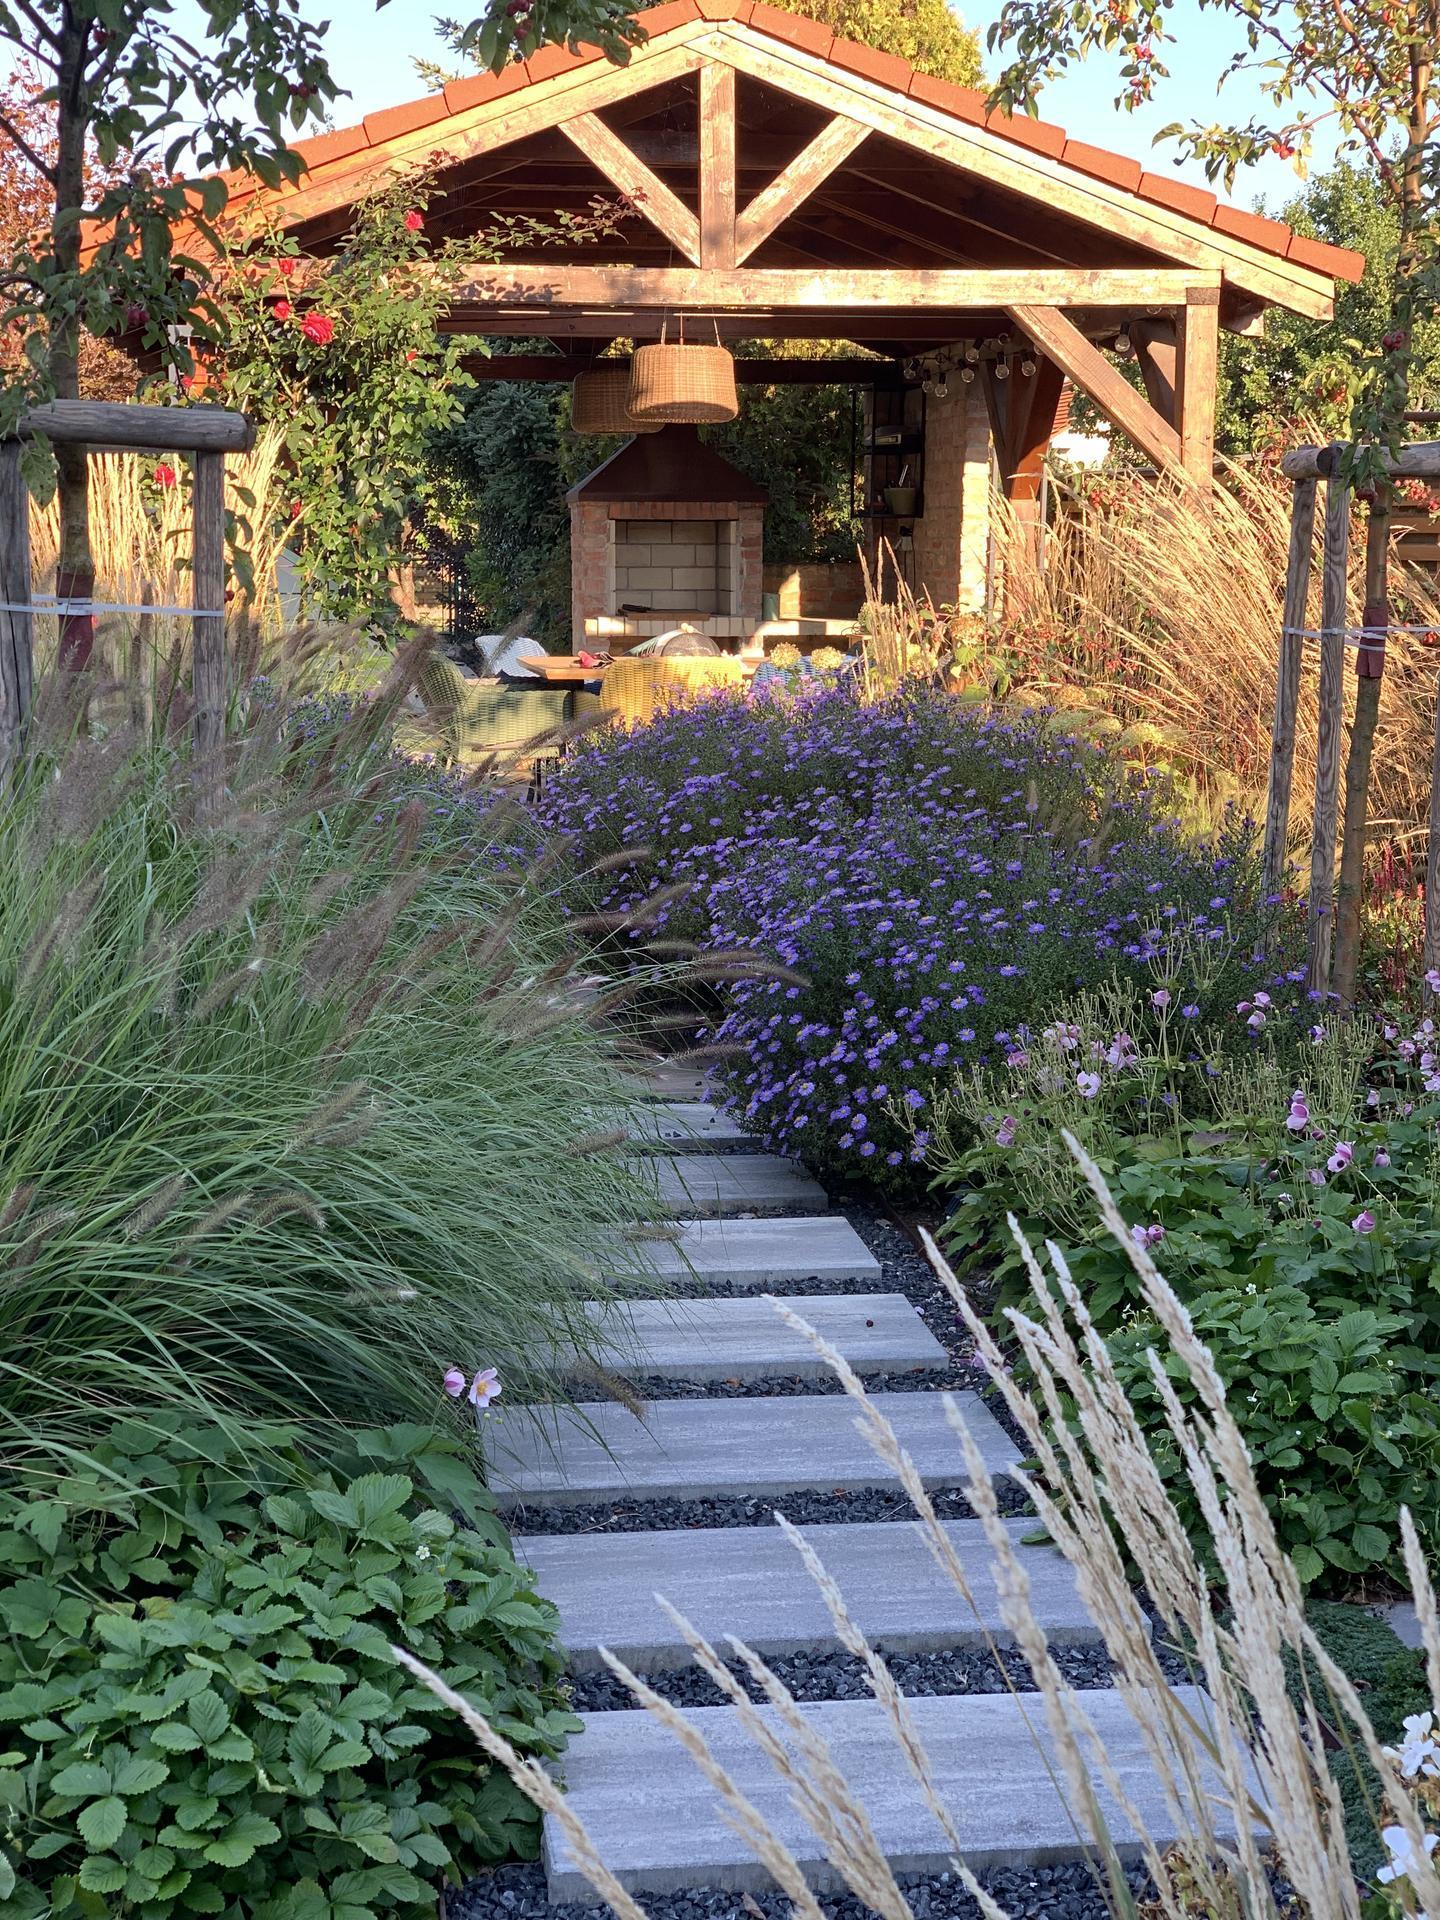 (staro) nová záhrada - Obrázok č. 275